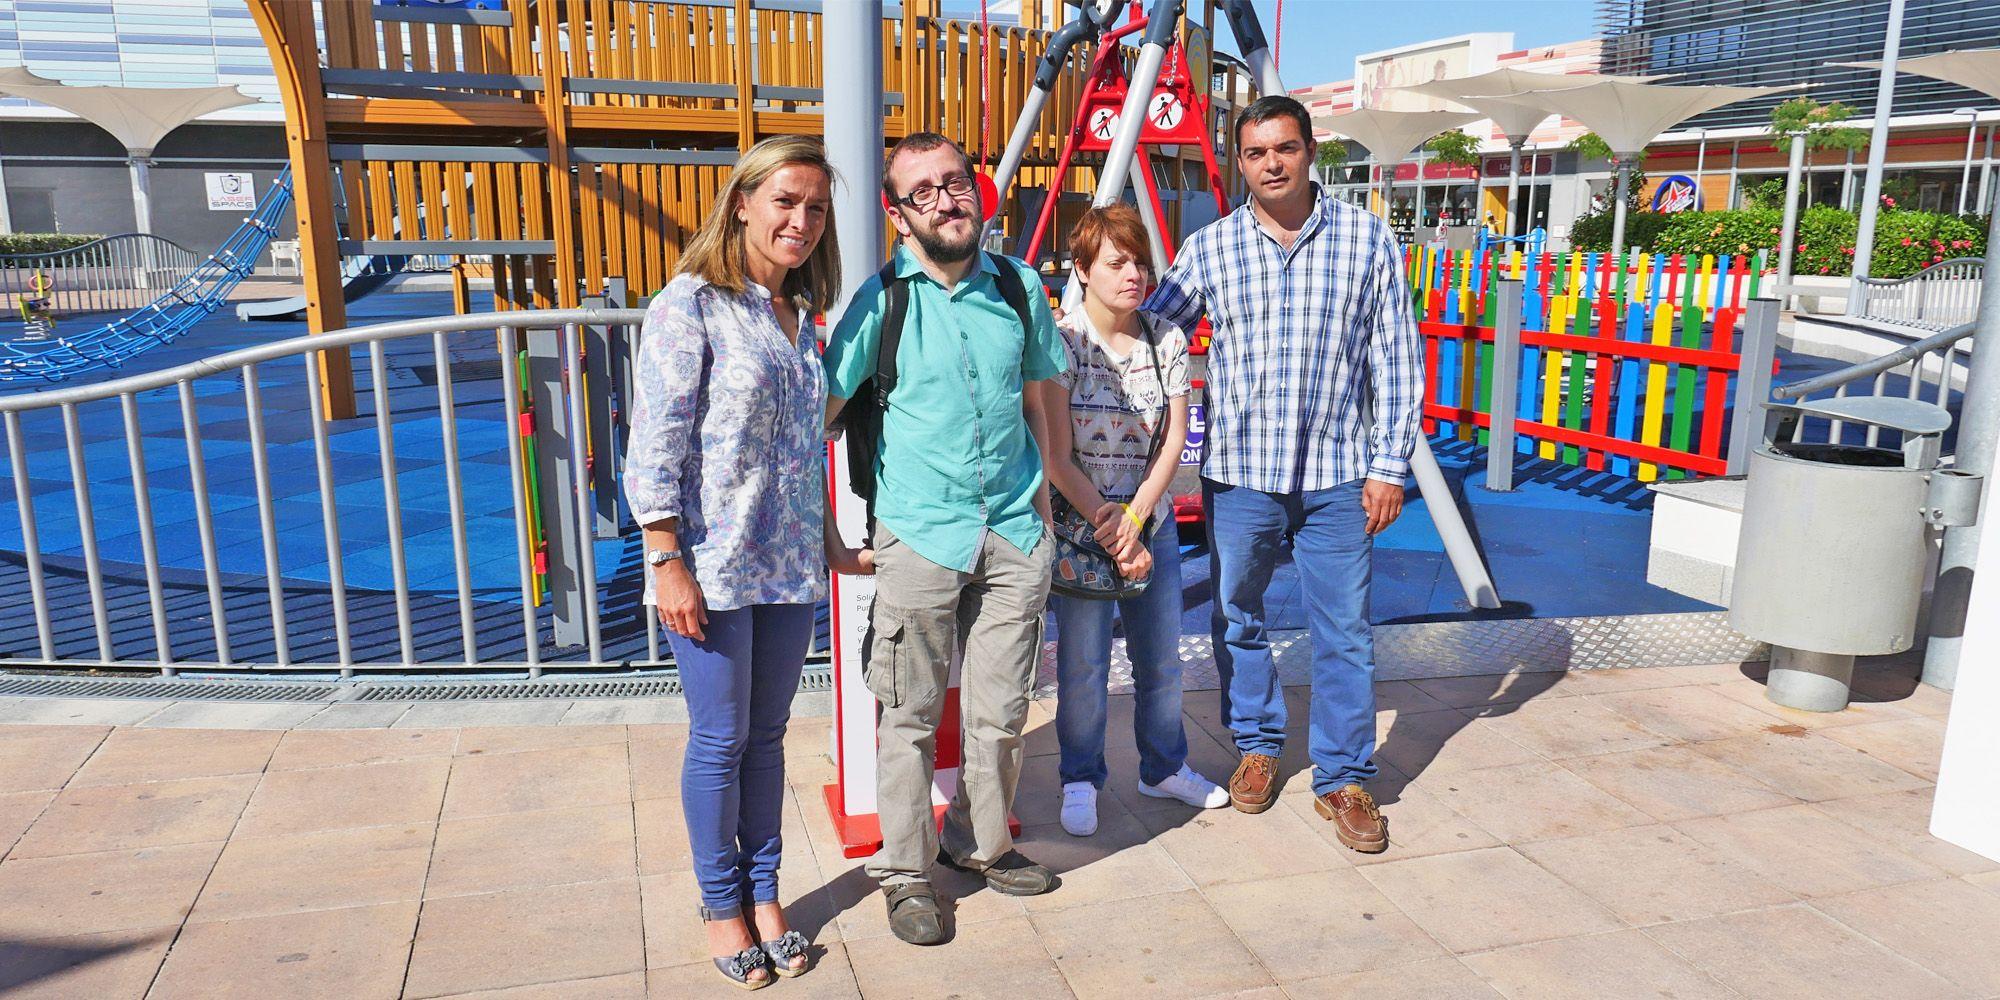 Rosa Amuedo, gerente de Luz Shopping (izq) y Javier Martín, director de IKEA Jerez (der) acompañados de representantes de asociaciones | Miguel Mateos para MIRA Jerez